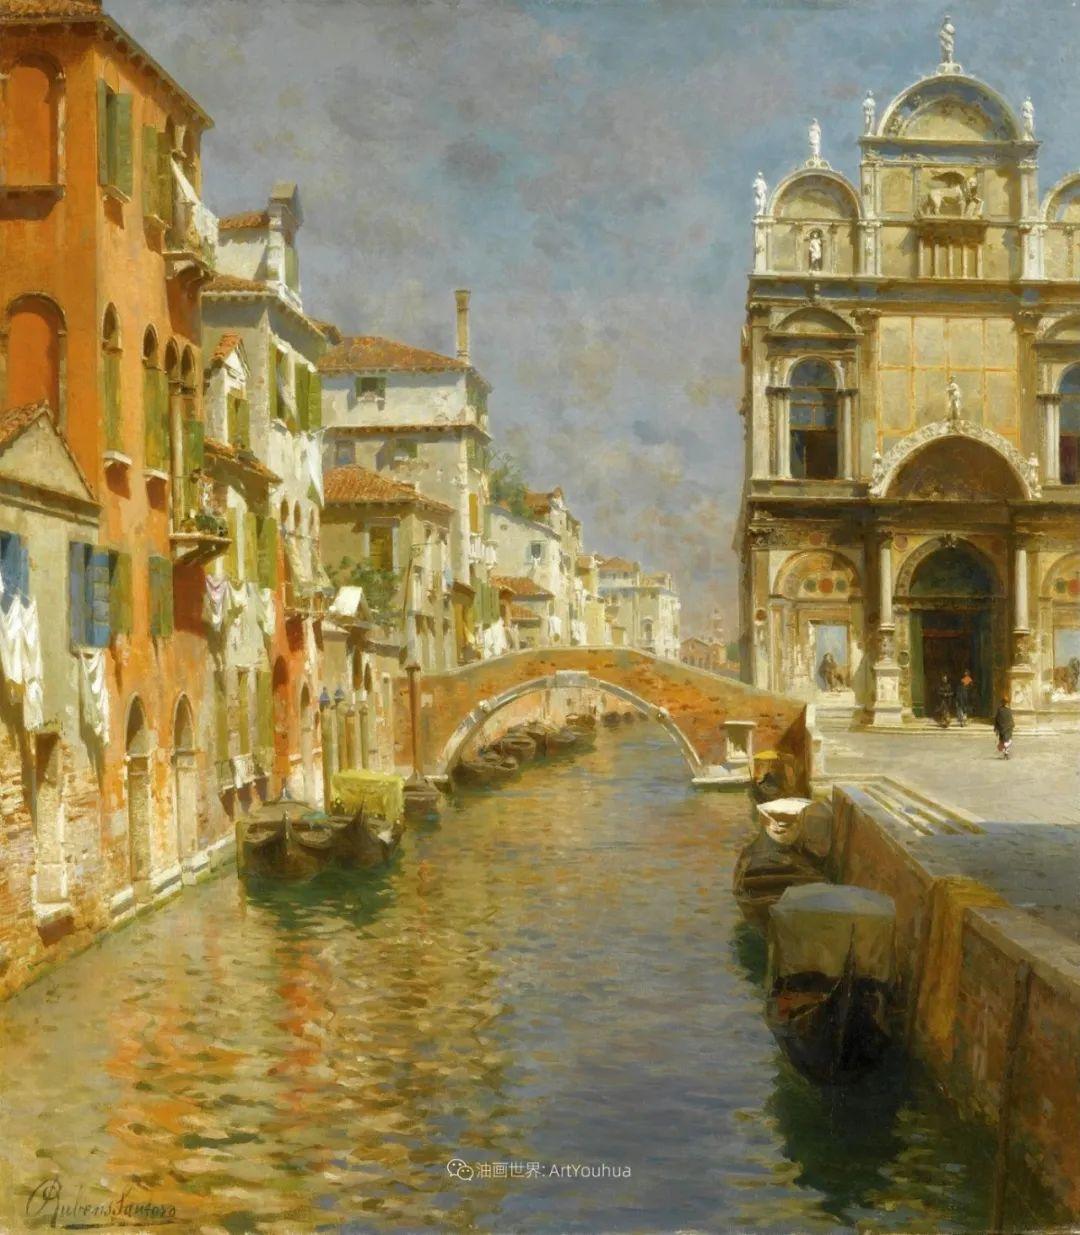 威尼斯风光,意大利画家鲁本斯·桑托罗插图7